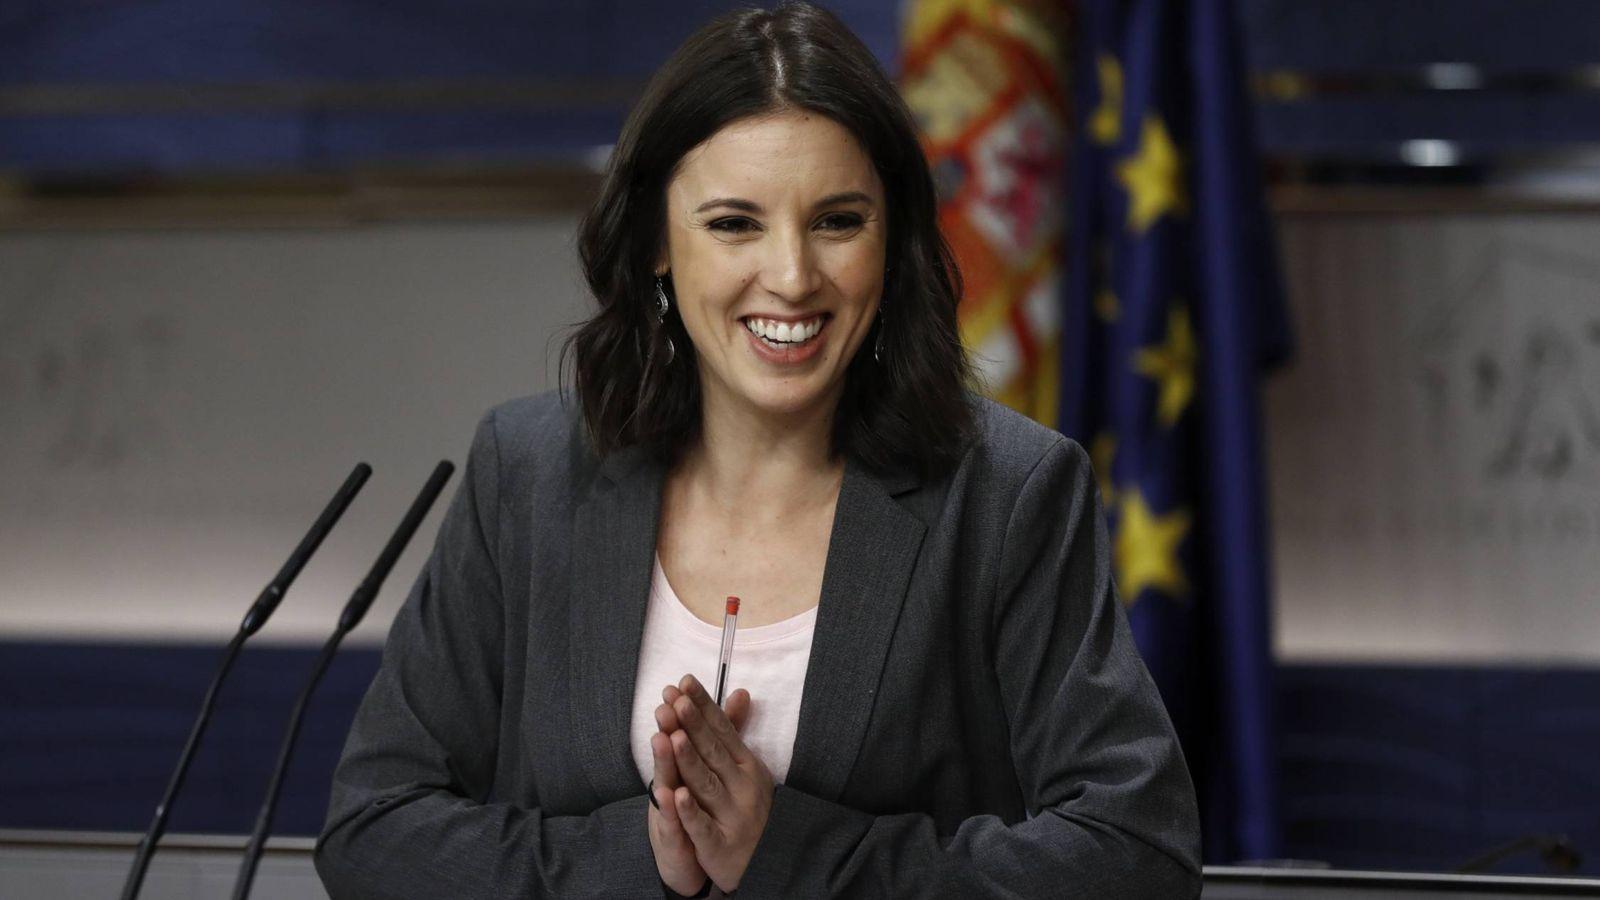 Foto: La portavoz de Podemos en el Congreso, Irene Montero. (EFE)